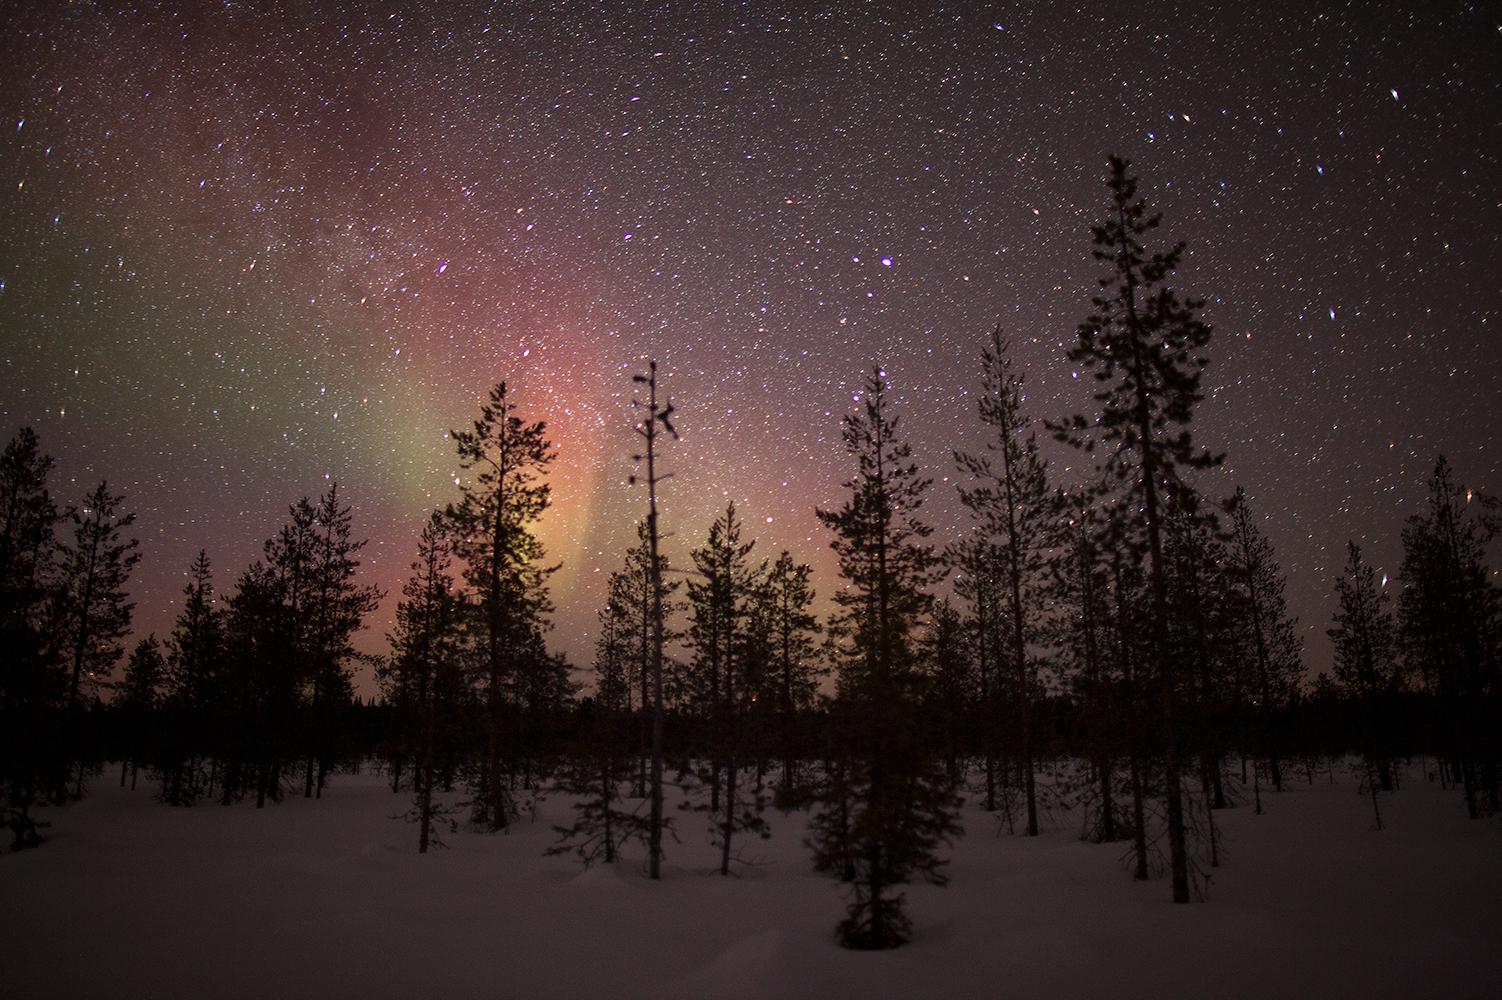 aurora borealis using the 500 rule